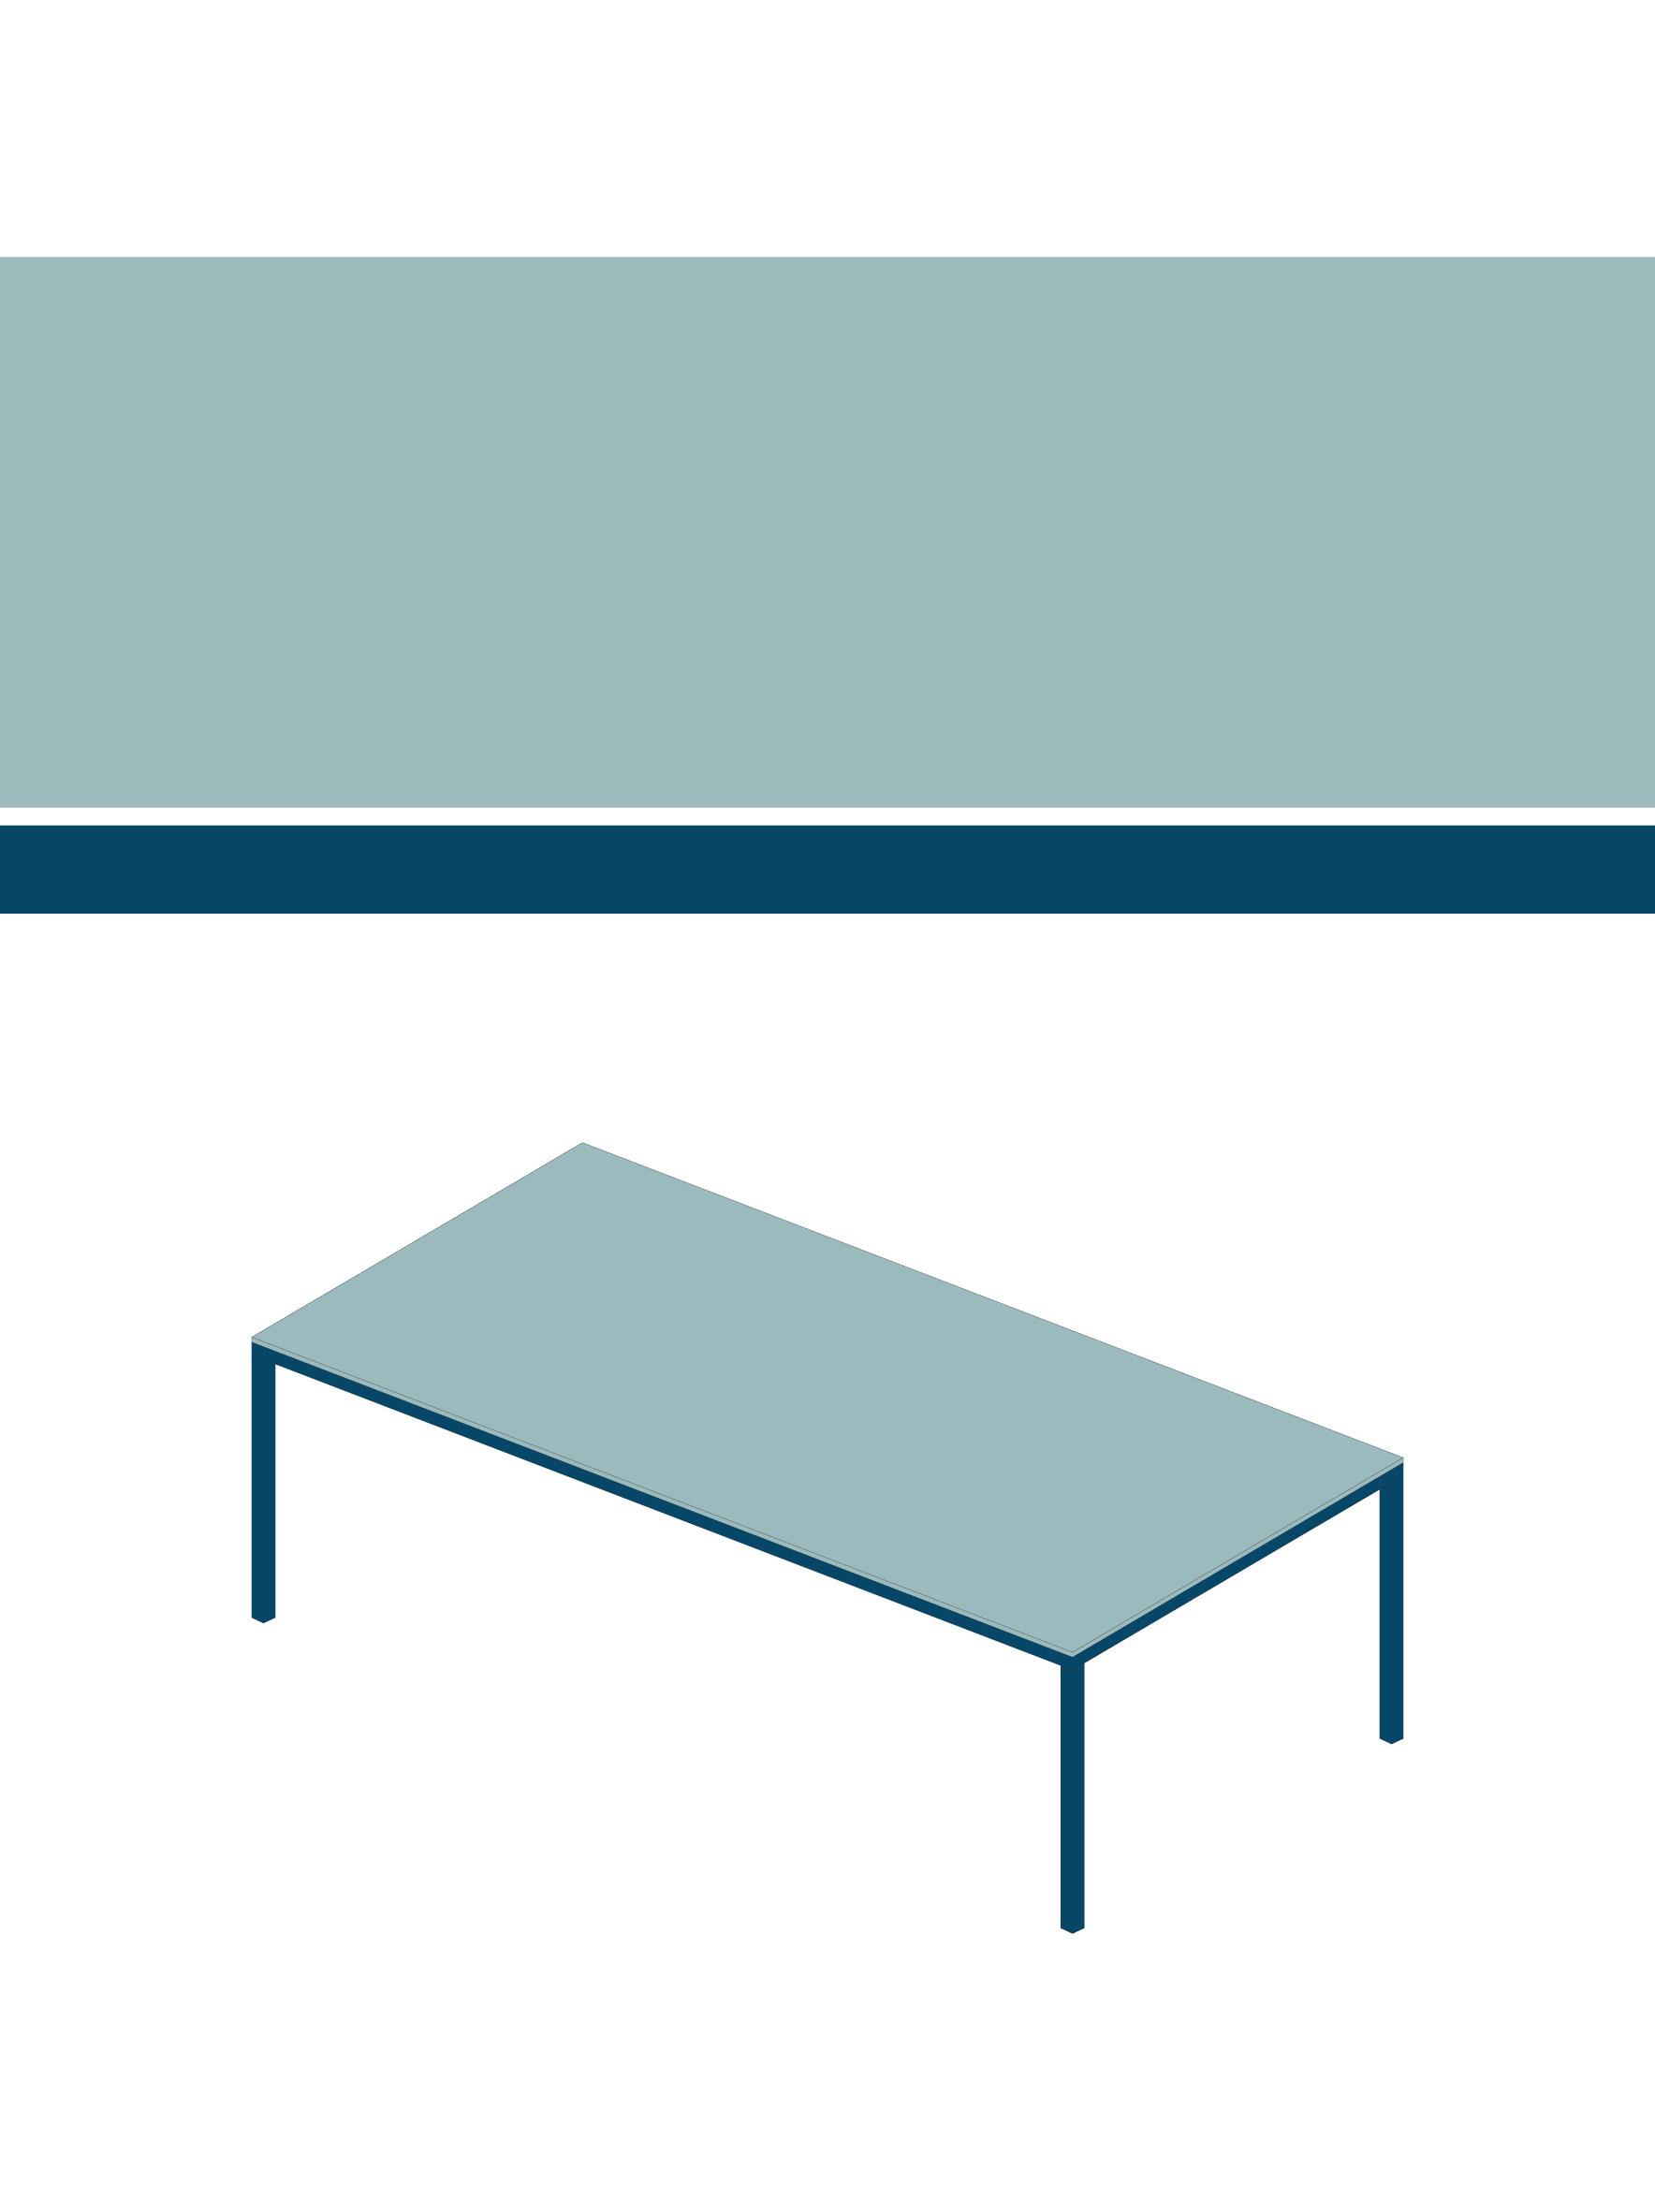 table-so-3a.jpg